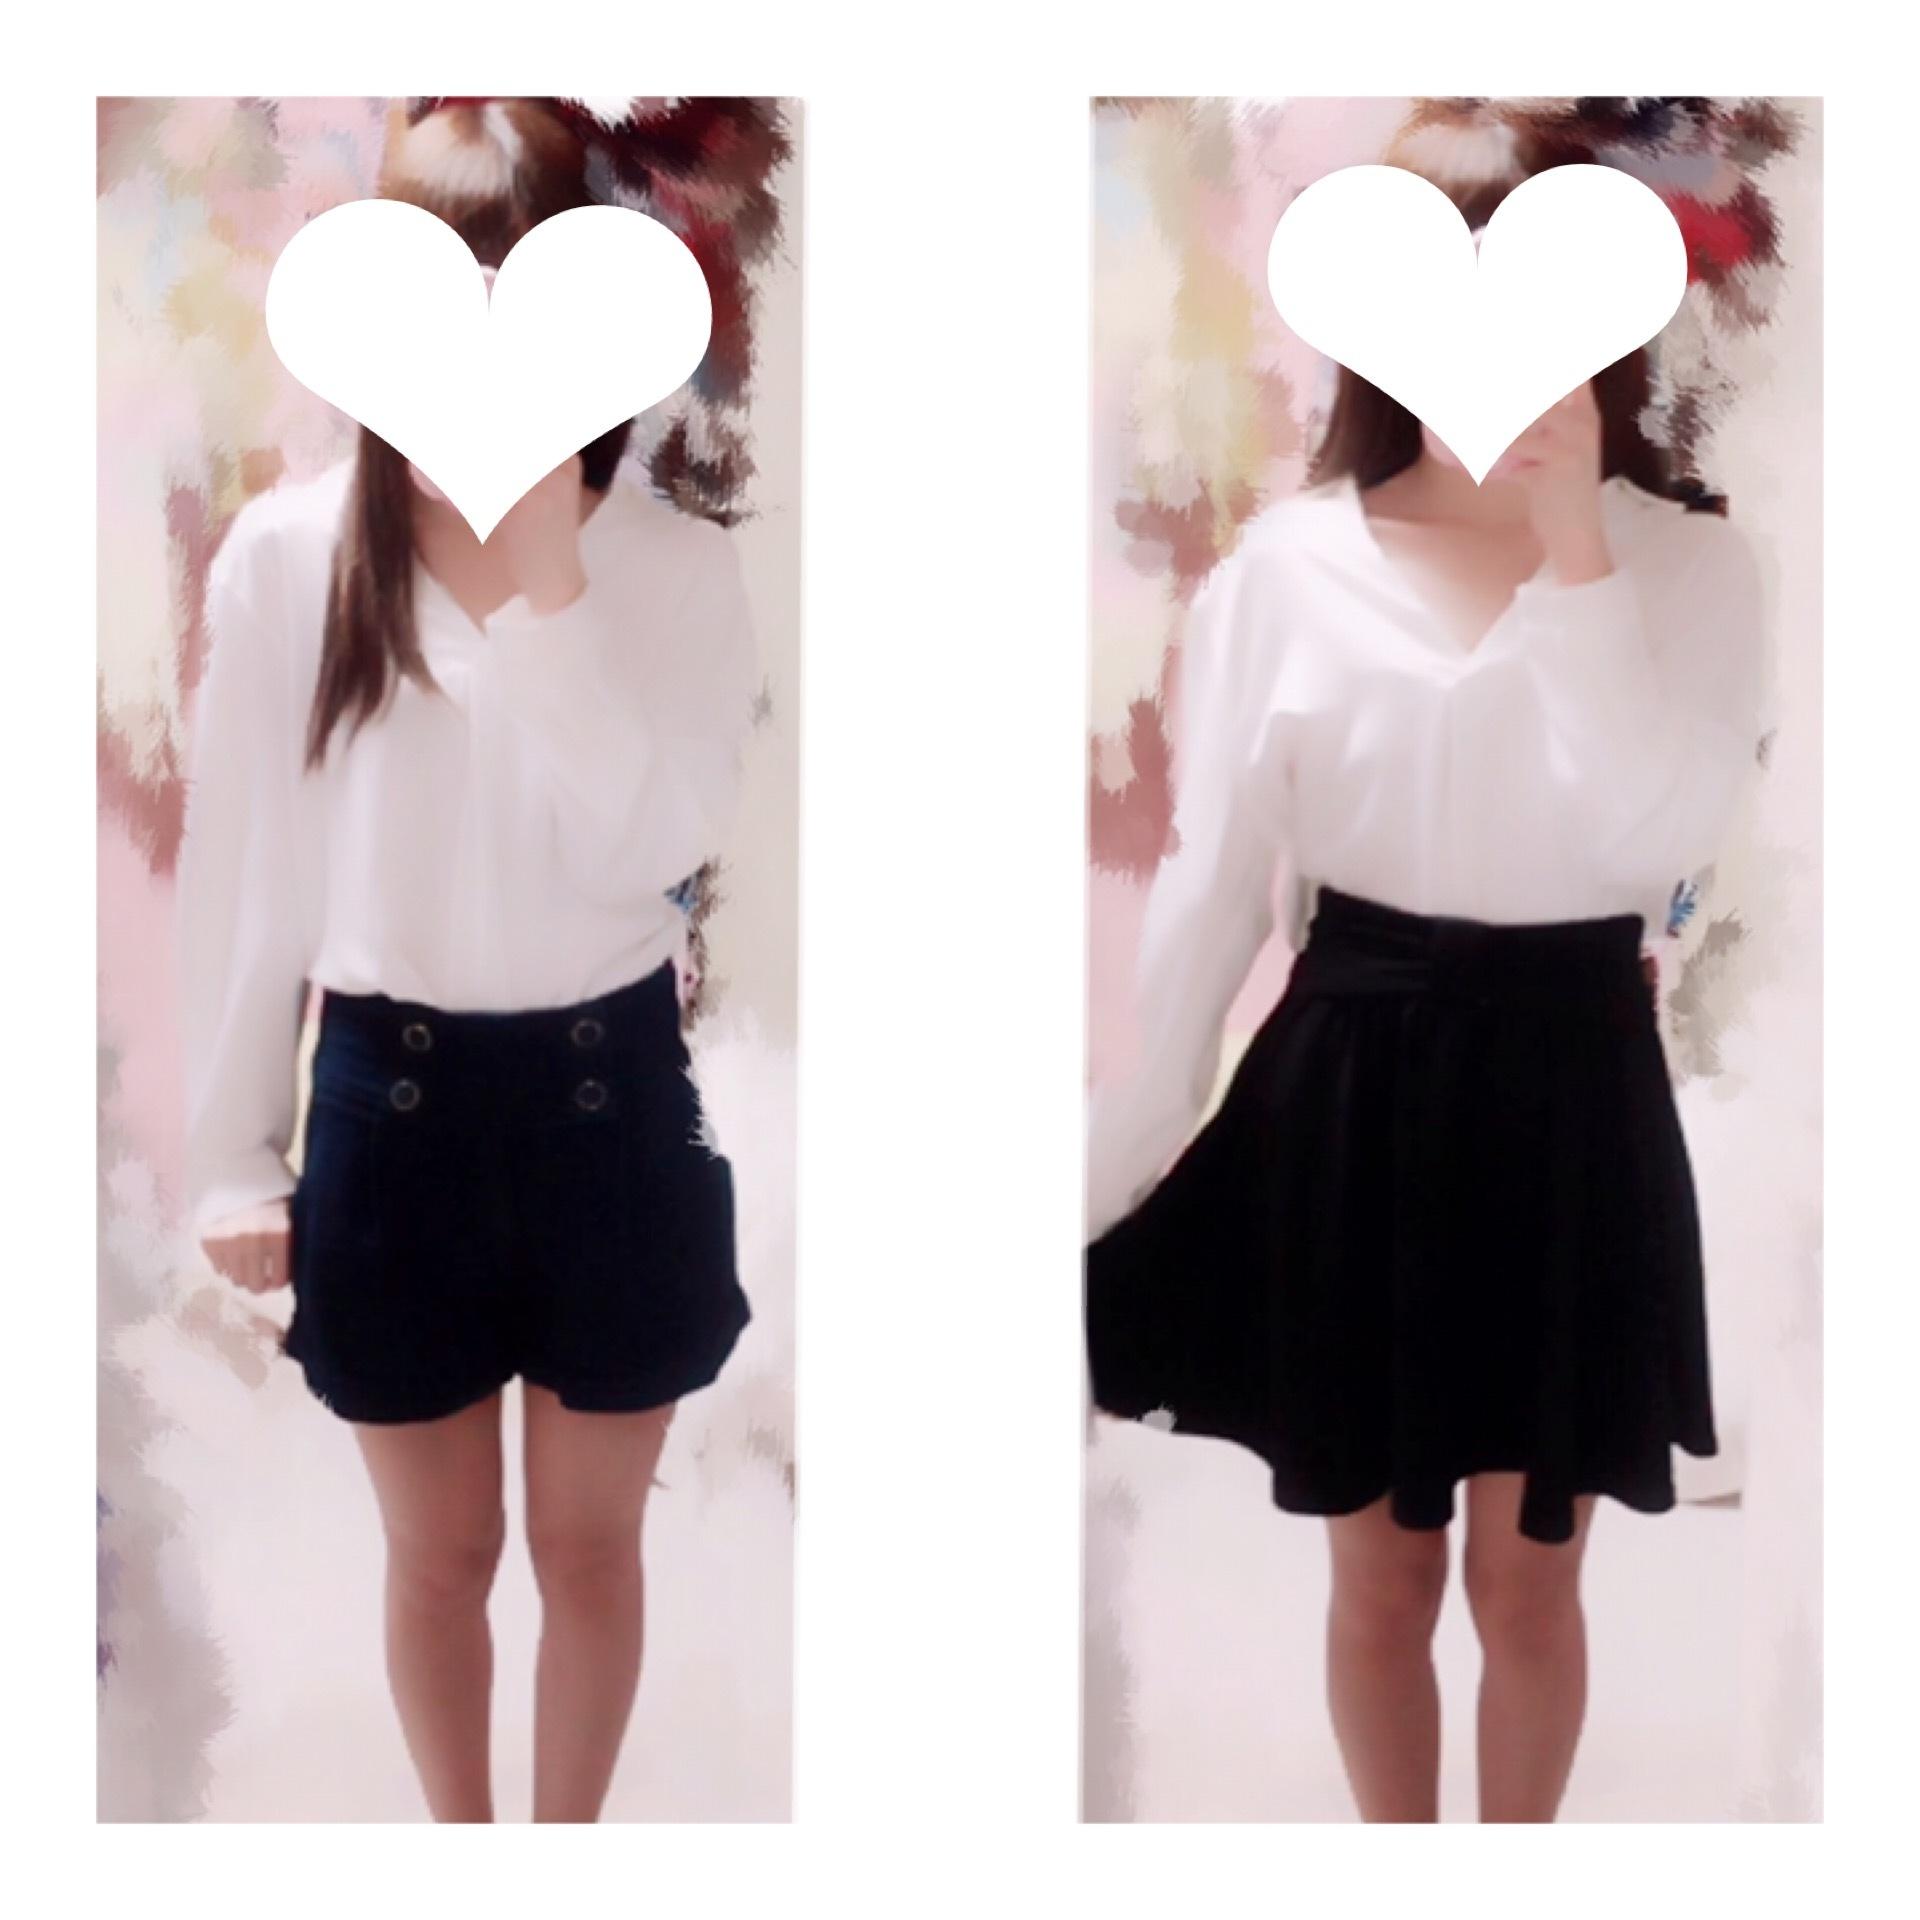 スキッパーシャツ+バックデザイン♩《INGNI リボンスキッパーシャツ》_1_6